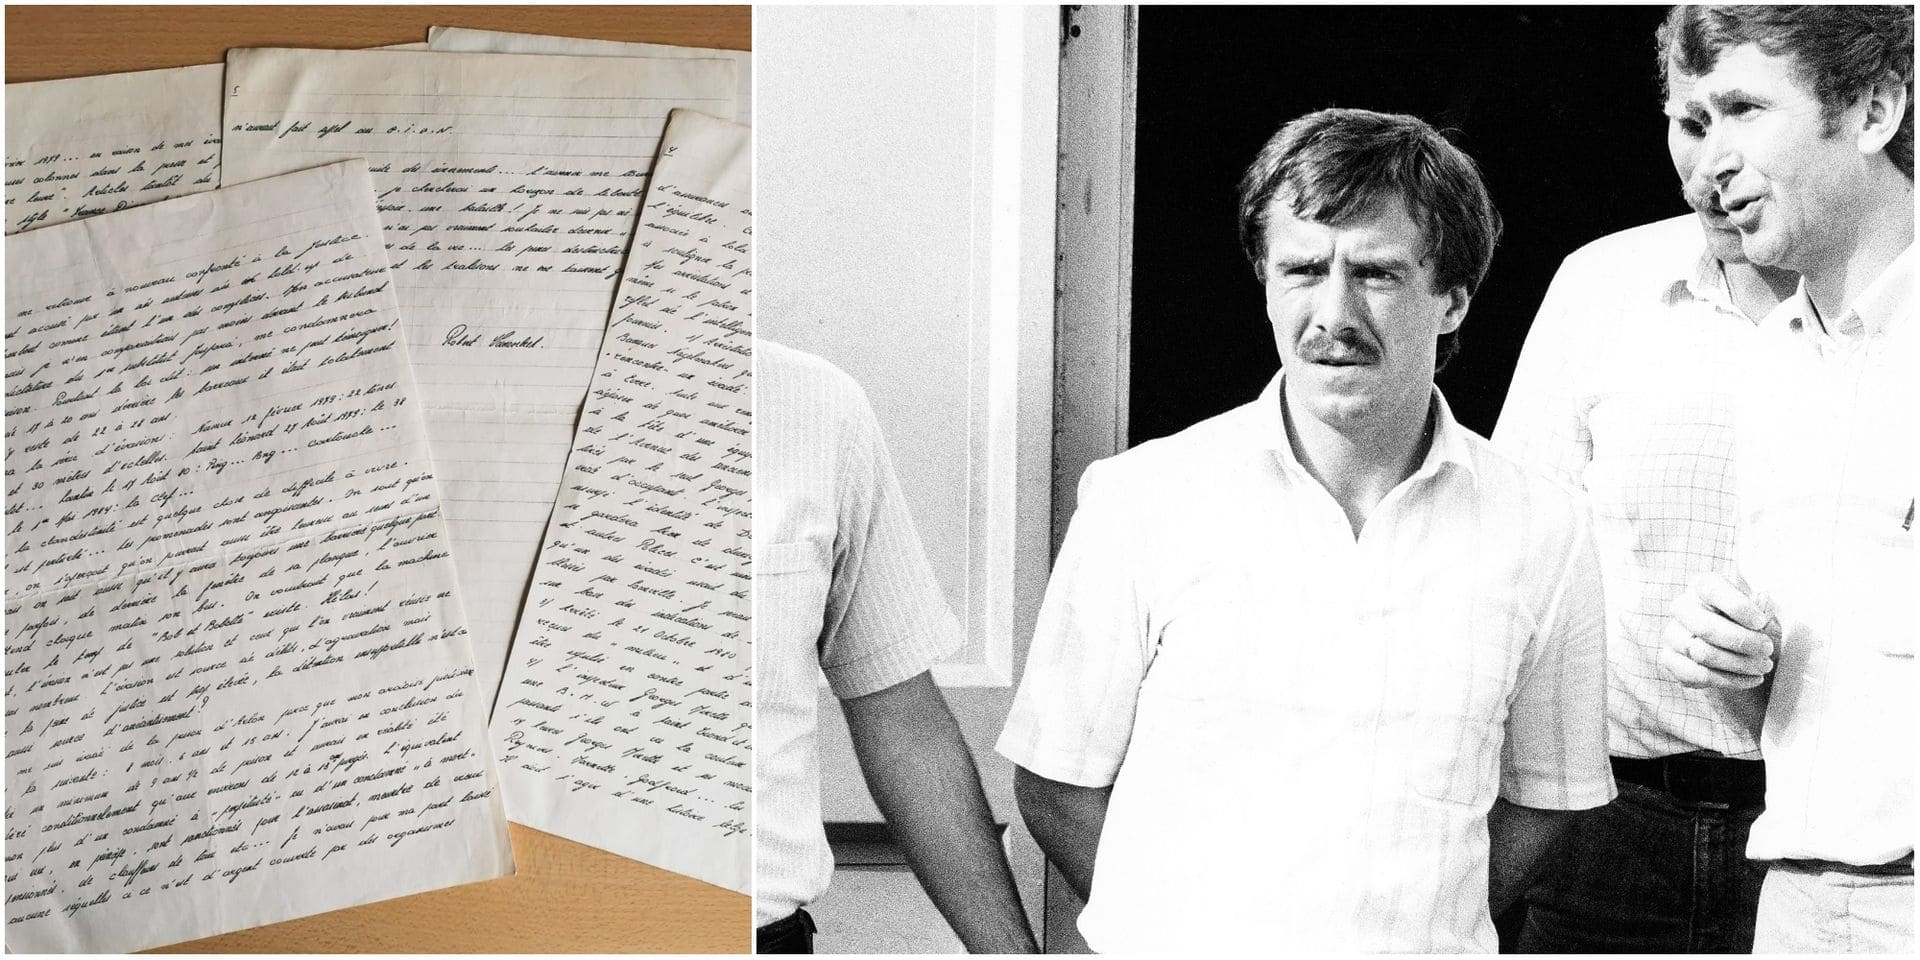 Les documents exclusifs de La DH : été 1984, Robert Vanoirbeek, roi de l'évasion, nous écrit de prison